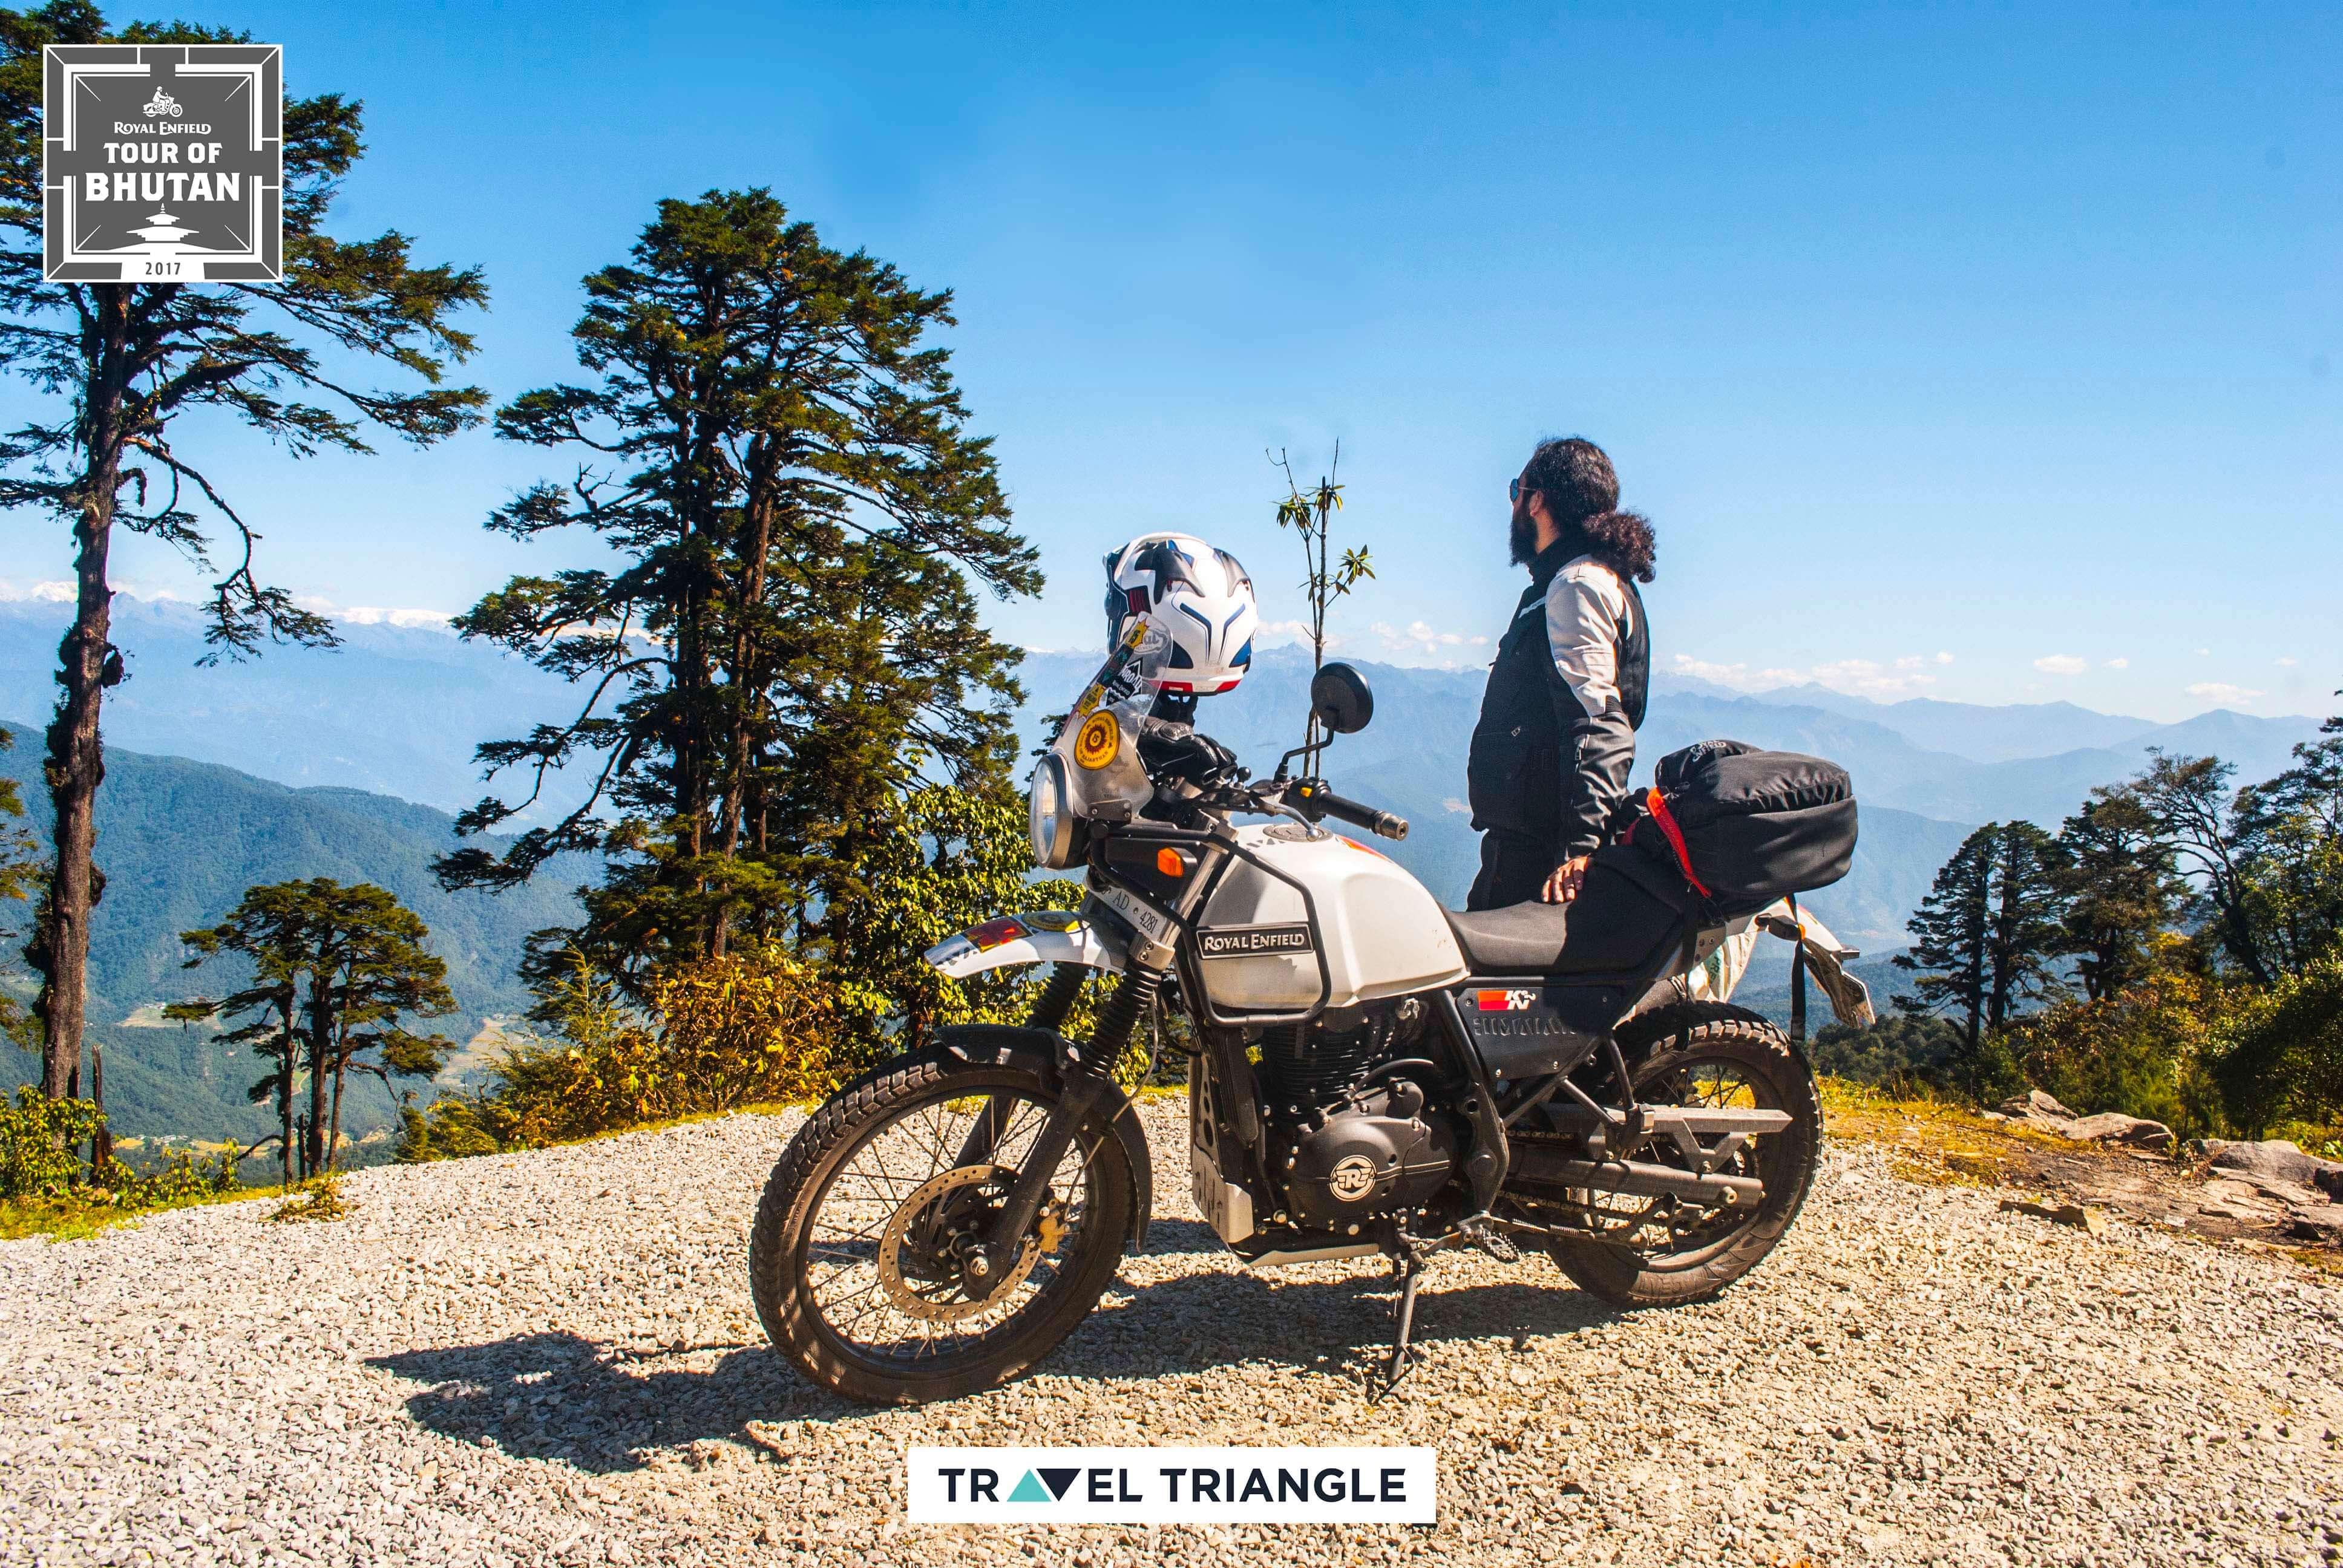 Thimphu to Punakha: looking at the scenic views